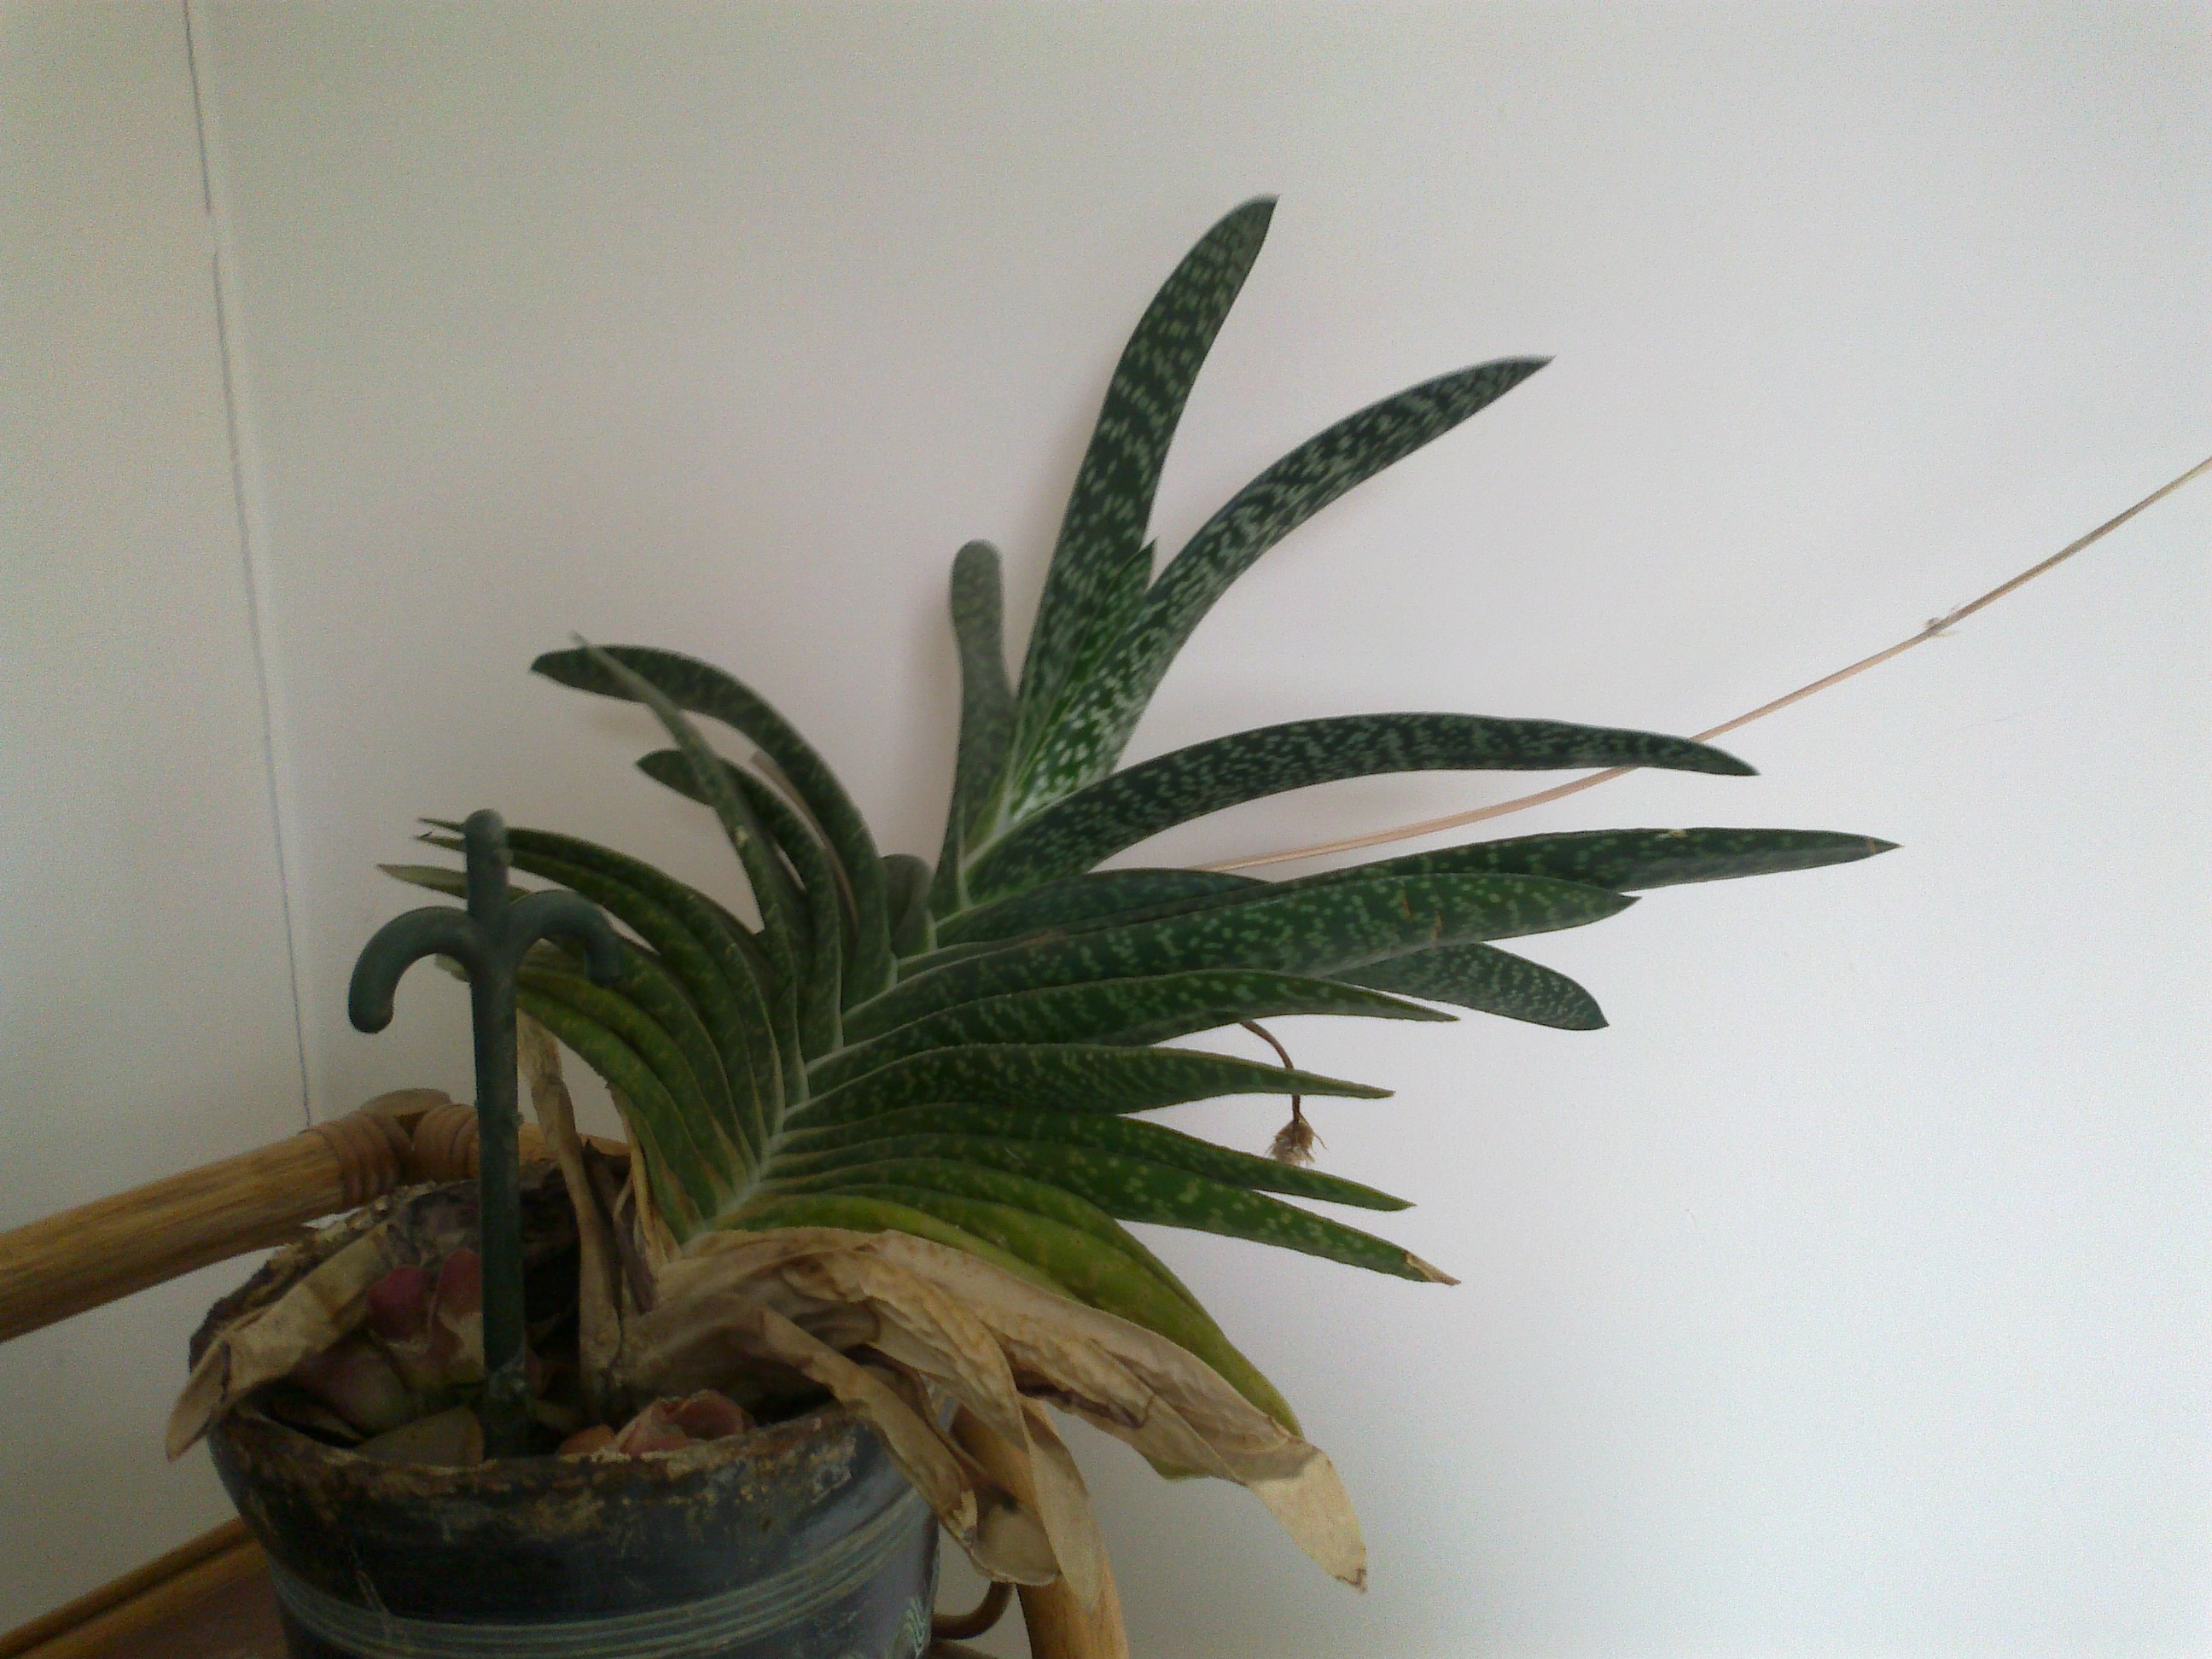 Inconnues identifiées [Gasteria bicolor var bicolor] & [Gasteria carinata var. verrucosa] 78454203032013291